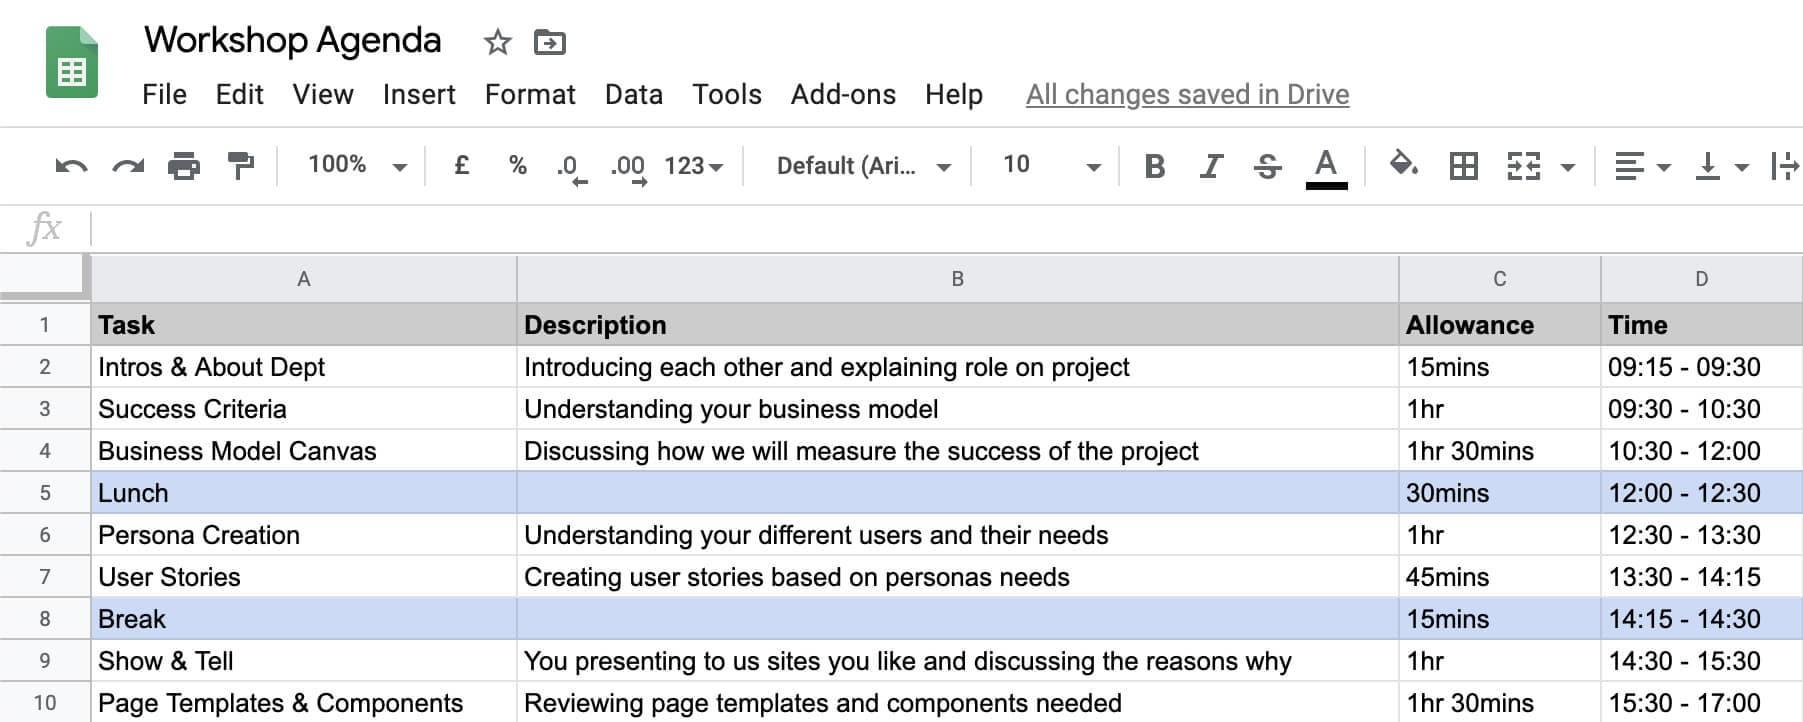 remote-work-workshop-agenda-spreadsheet